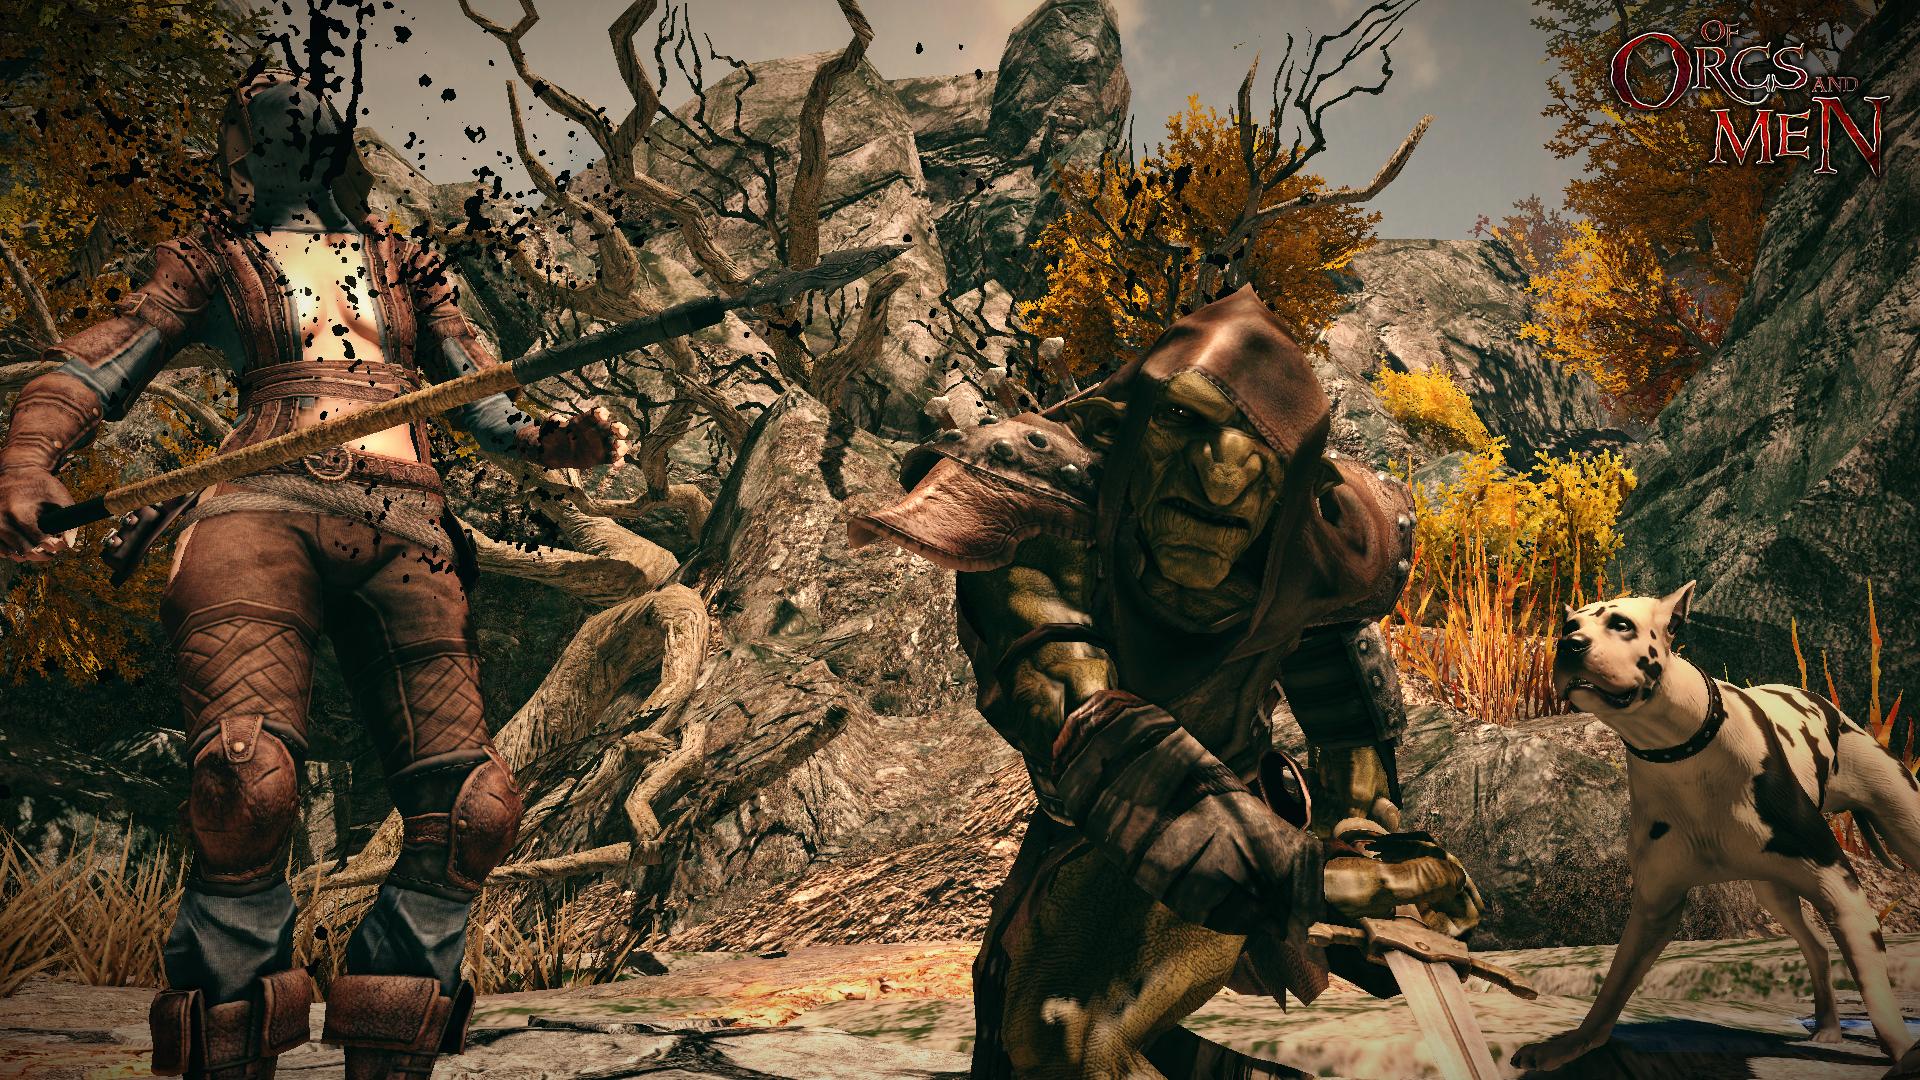 of_orcs_and_men-22.jpg